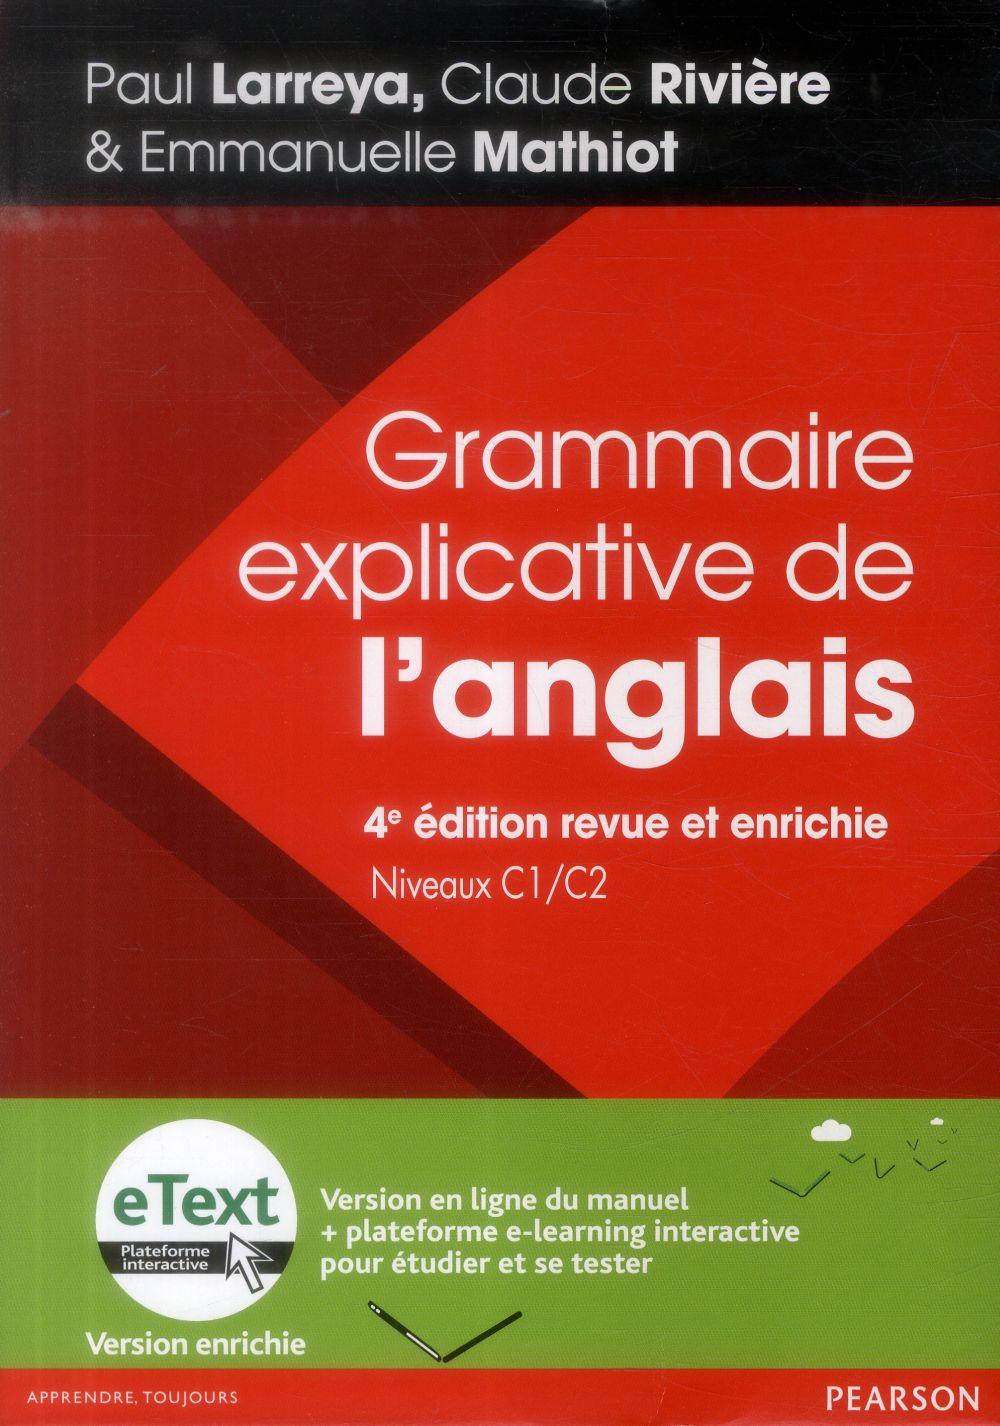 GRAMMAIRE EXPLICATIVE DE L'ANGLAIS, 4E EDITION REVUE ET ENRICHIE + ETEXT ENRICHI